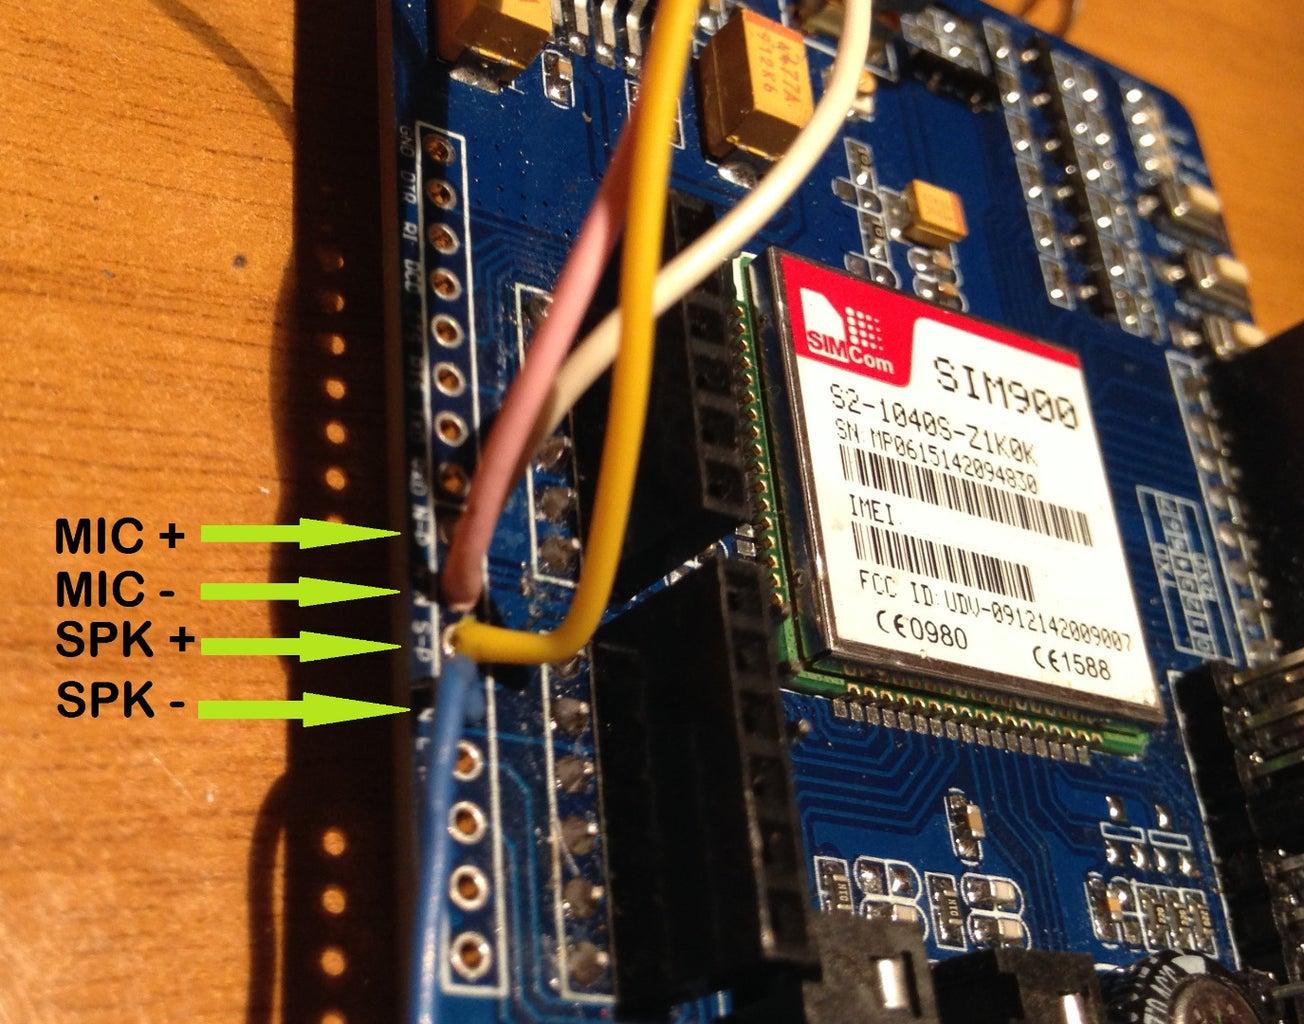 SIM900 GSM Shield